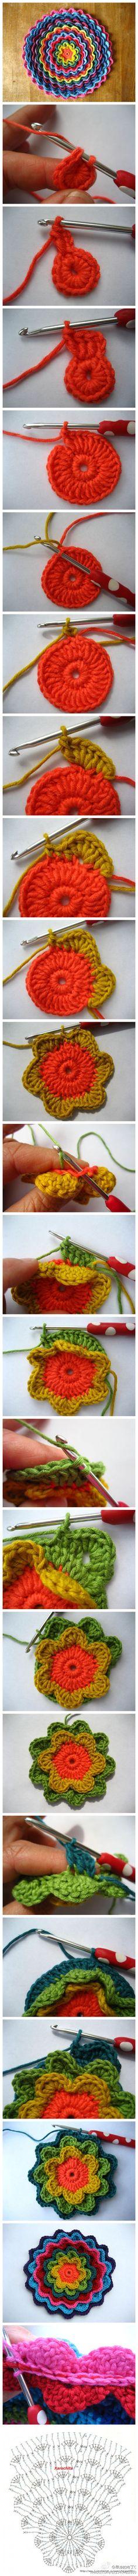 FIFIA CROCHETA blog de crochê : almofada de crochê com grafico